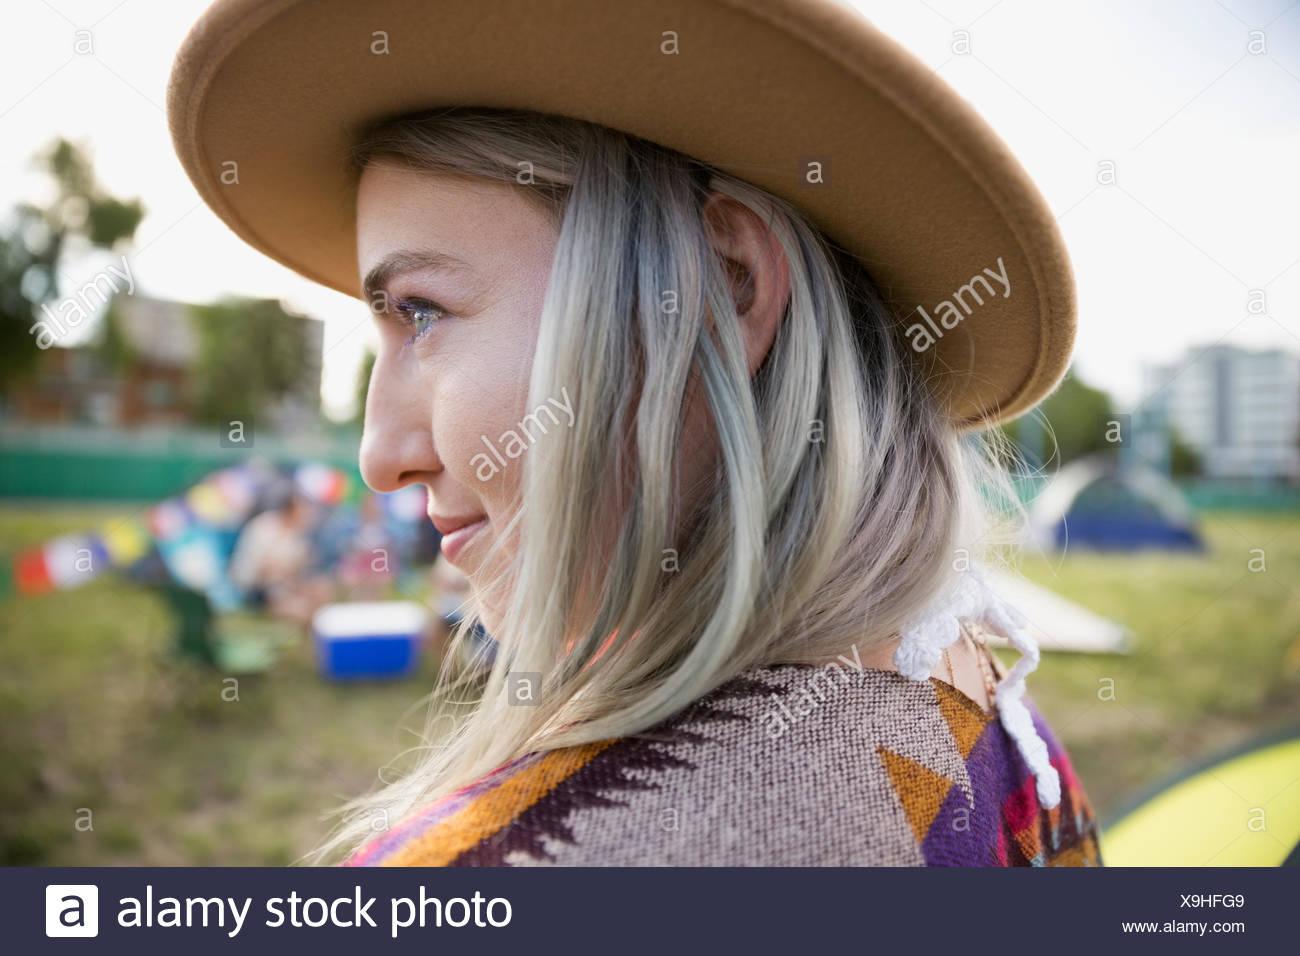 Chiudere Ritratto di giovane donna con chalk tinti i capelli indossando hat guardando lontano al festival musicale estivo Campeggio Immagini Stock